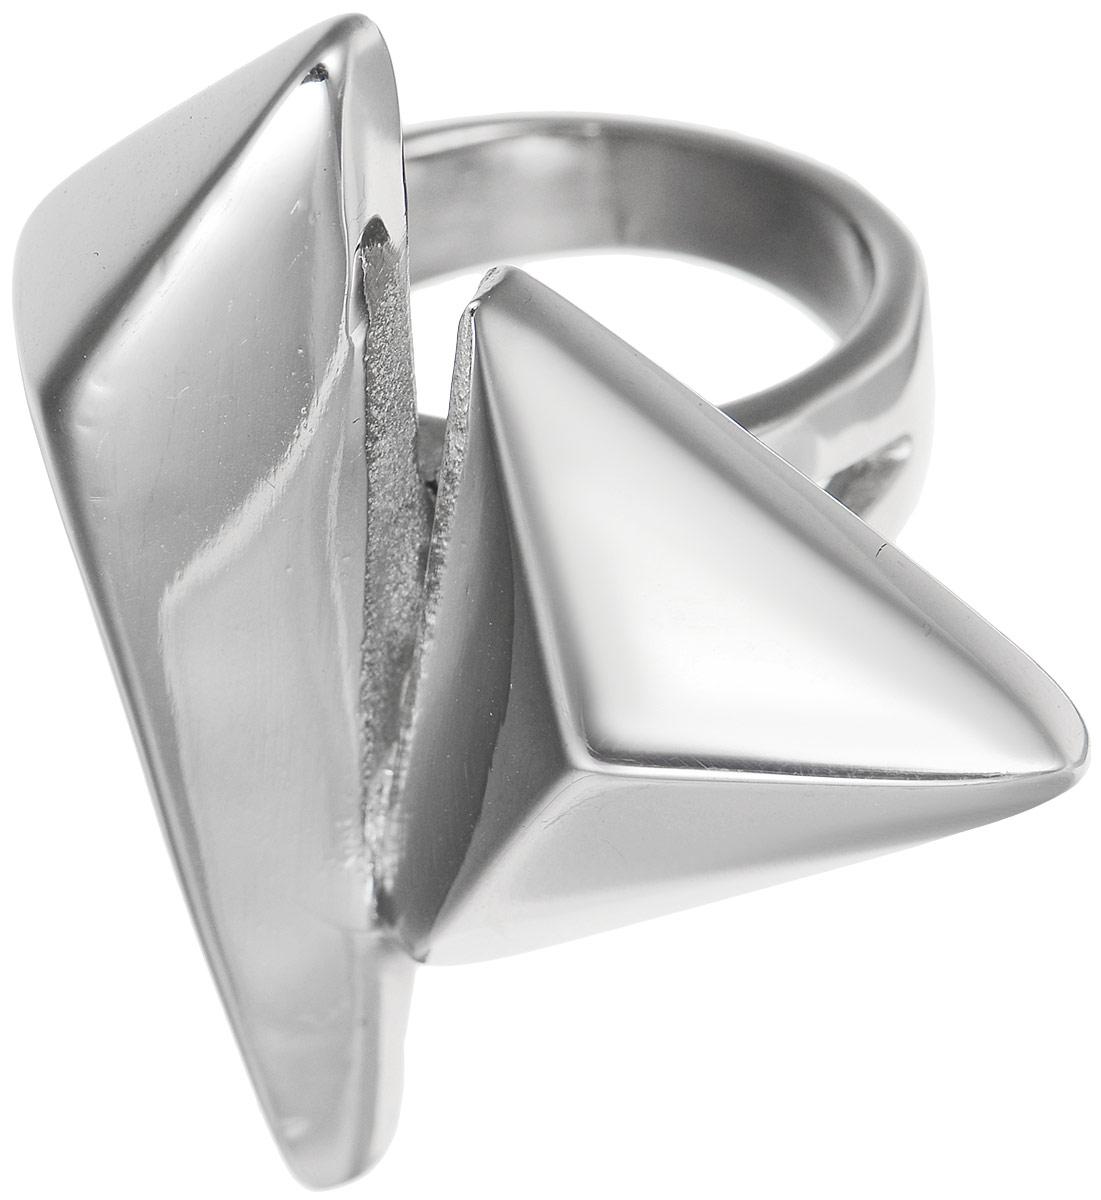 Кольцо Polina Selezneva, цвет: серебристый. DG-0013. Размер 20DG-0013Стильное кольцо Polina Selezneva изготовлено из качественного металлического сплава. Декоративная часть выполнена в оригинальной форме.